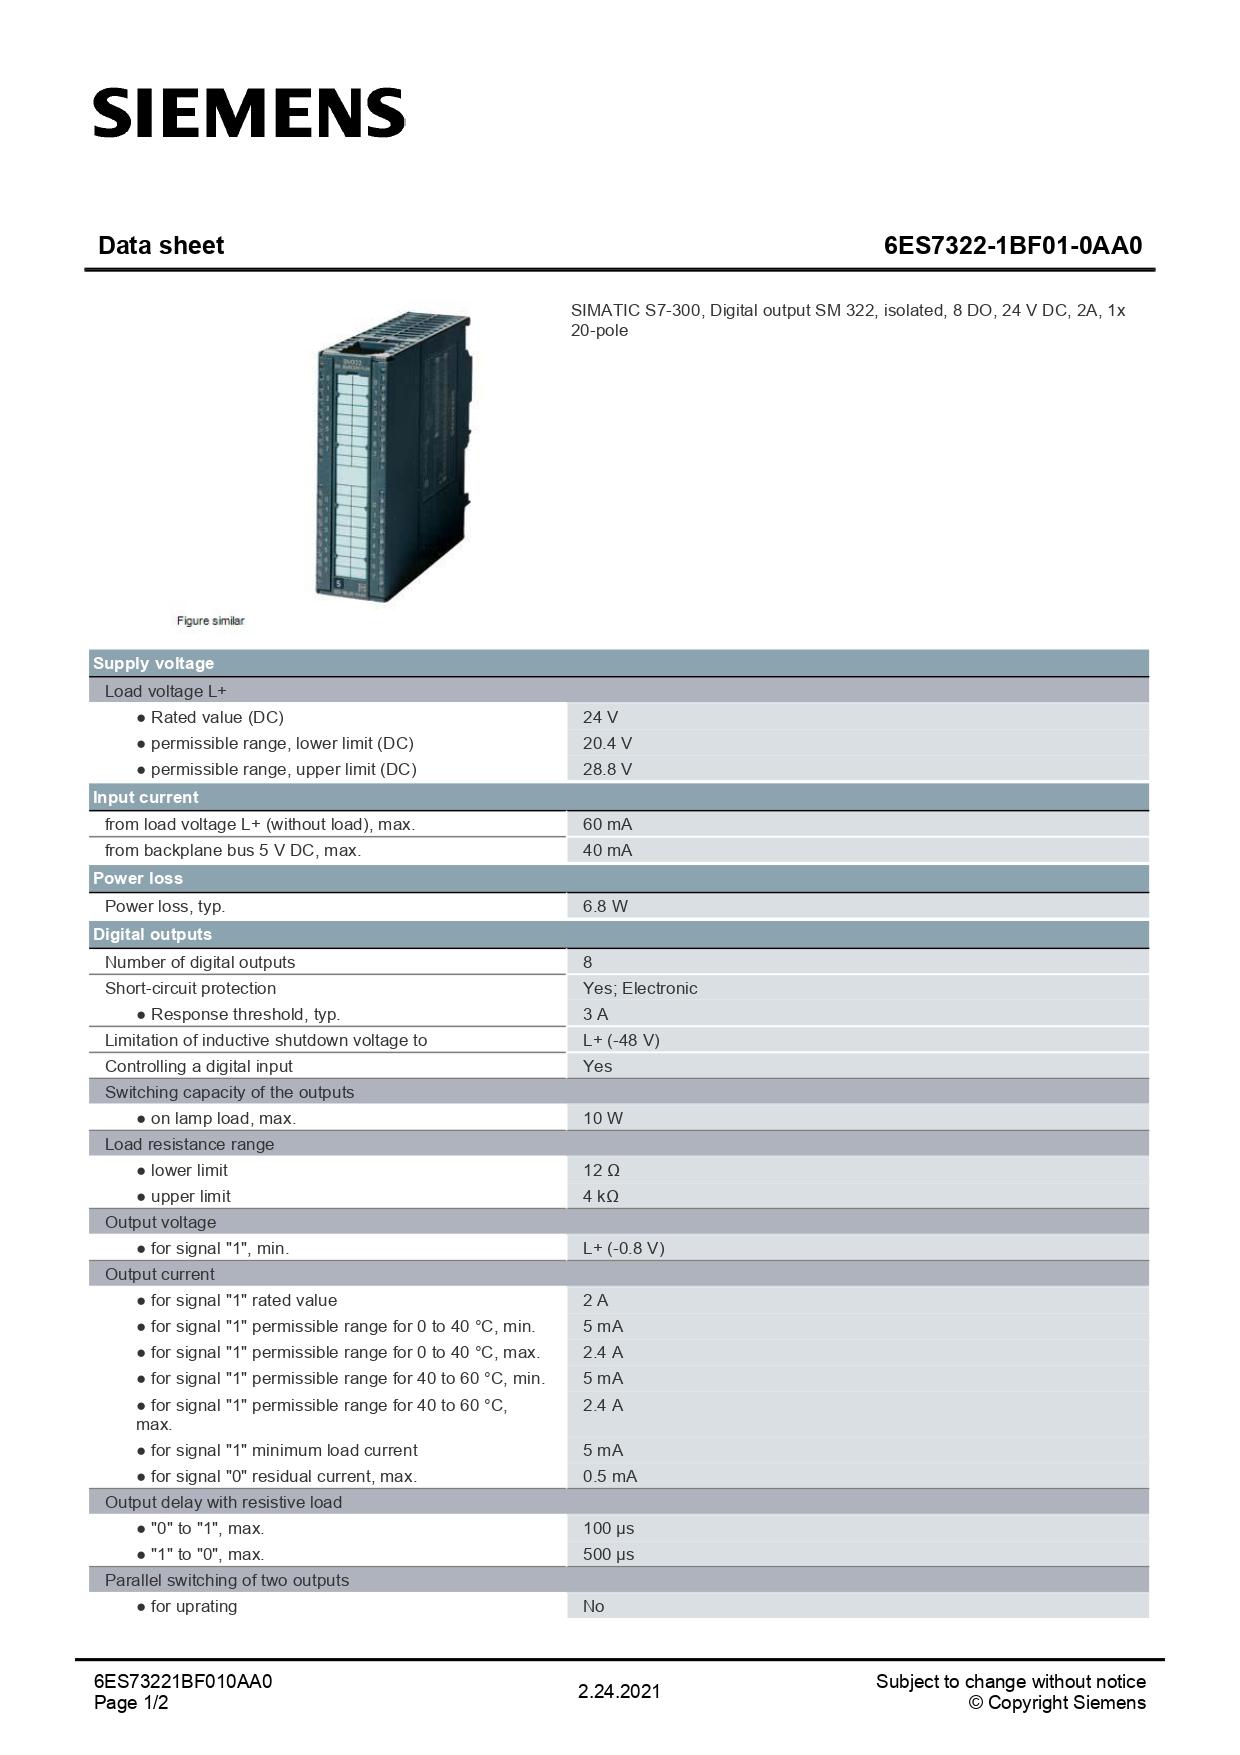 6ES7322-1BF01-0AA0